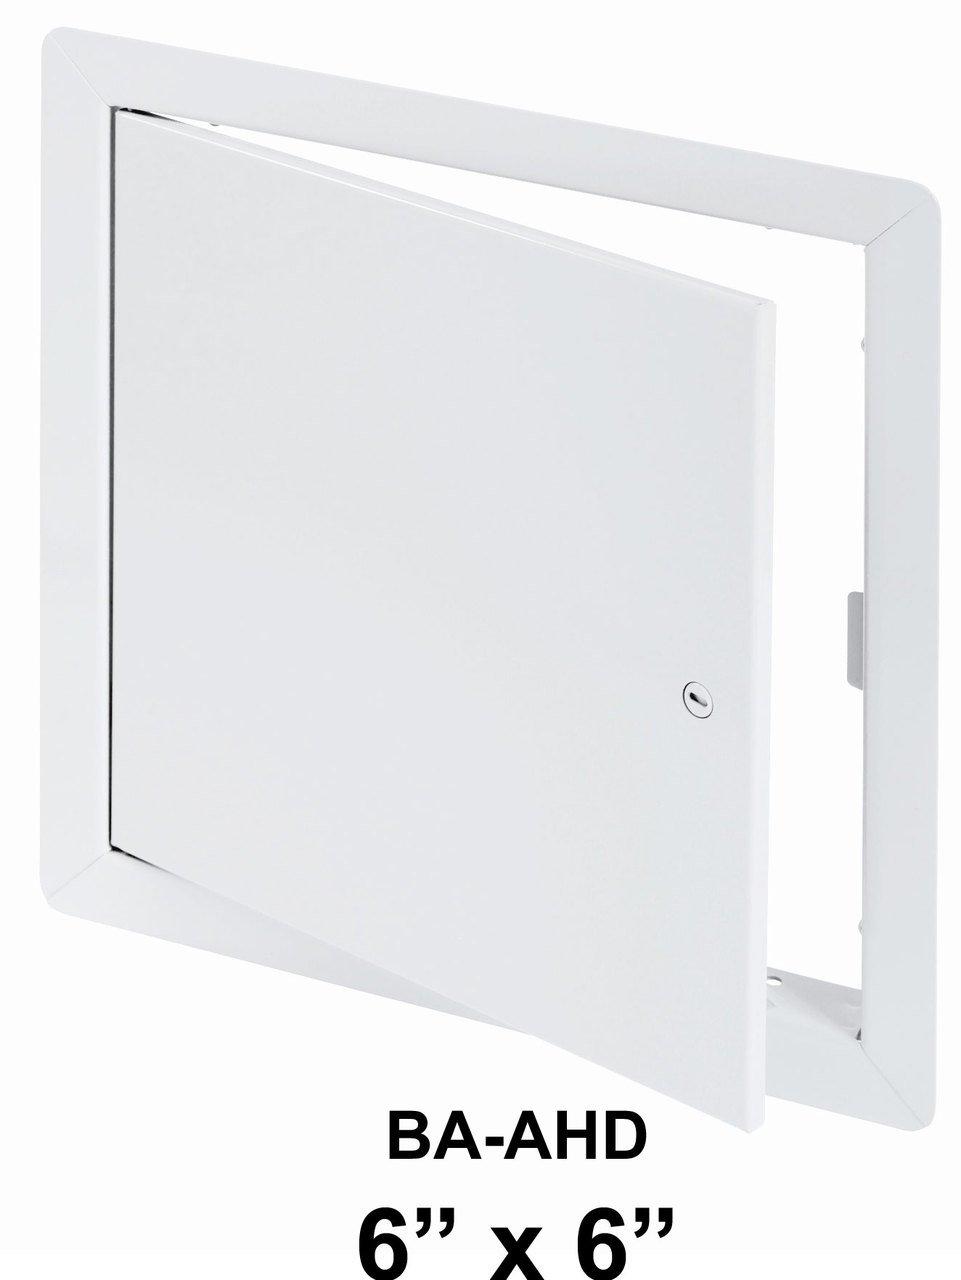 .6'' x 6'' General Purpose Access Door with Flange - Cendrex